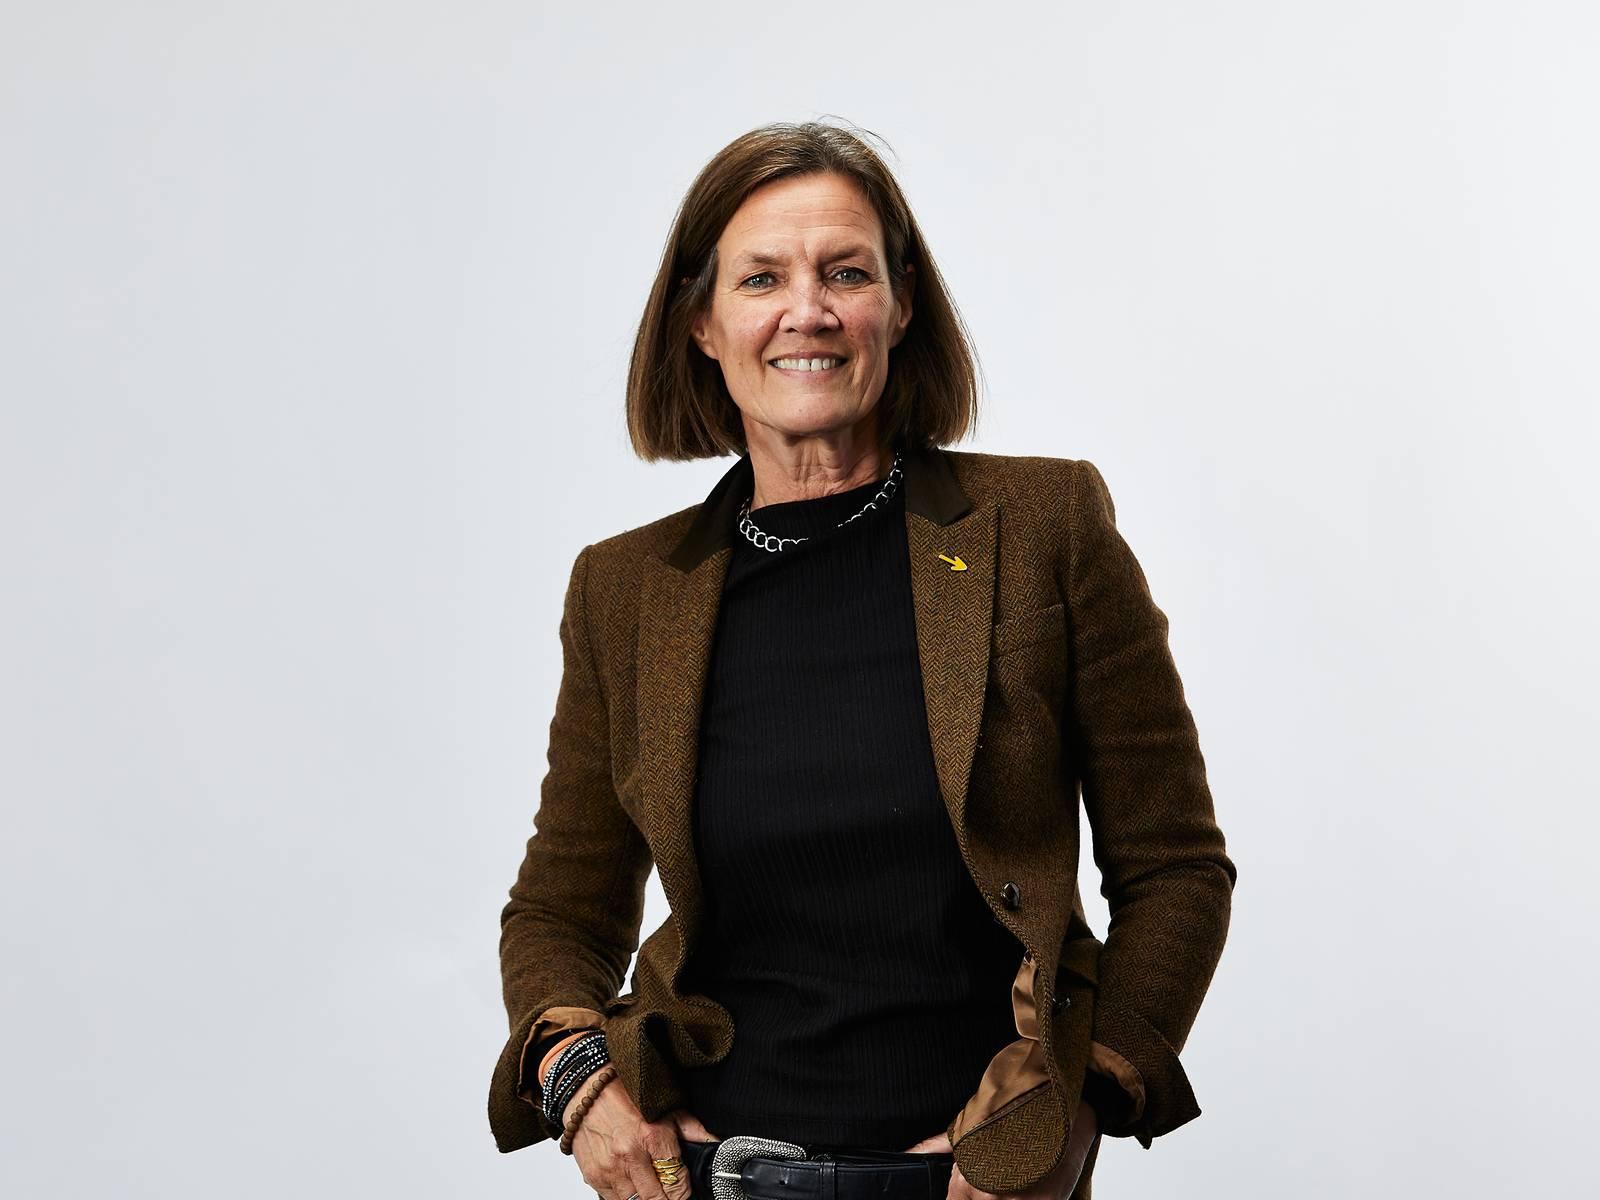 A profile image of Dorien Vermaas